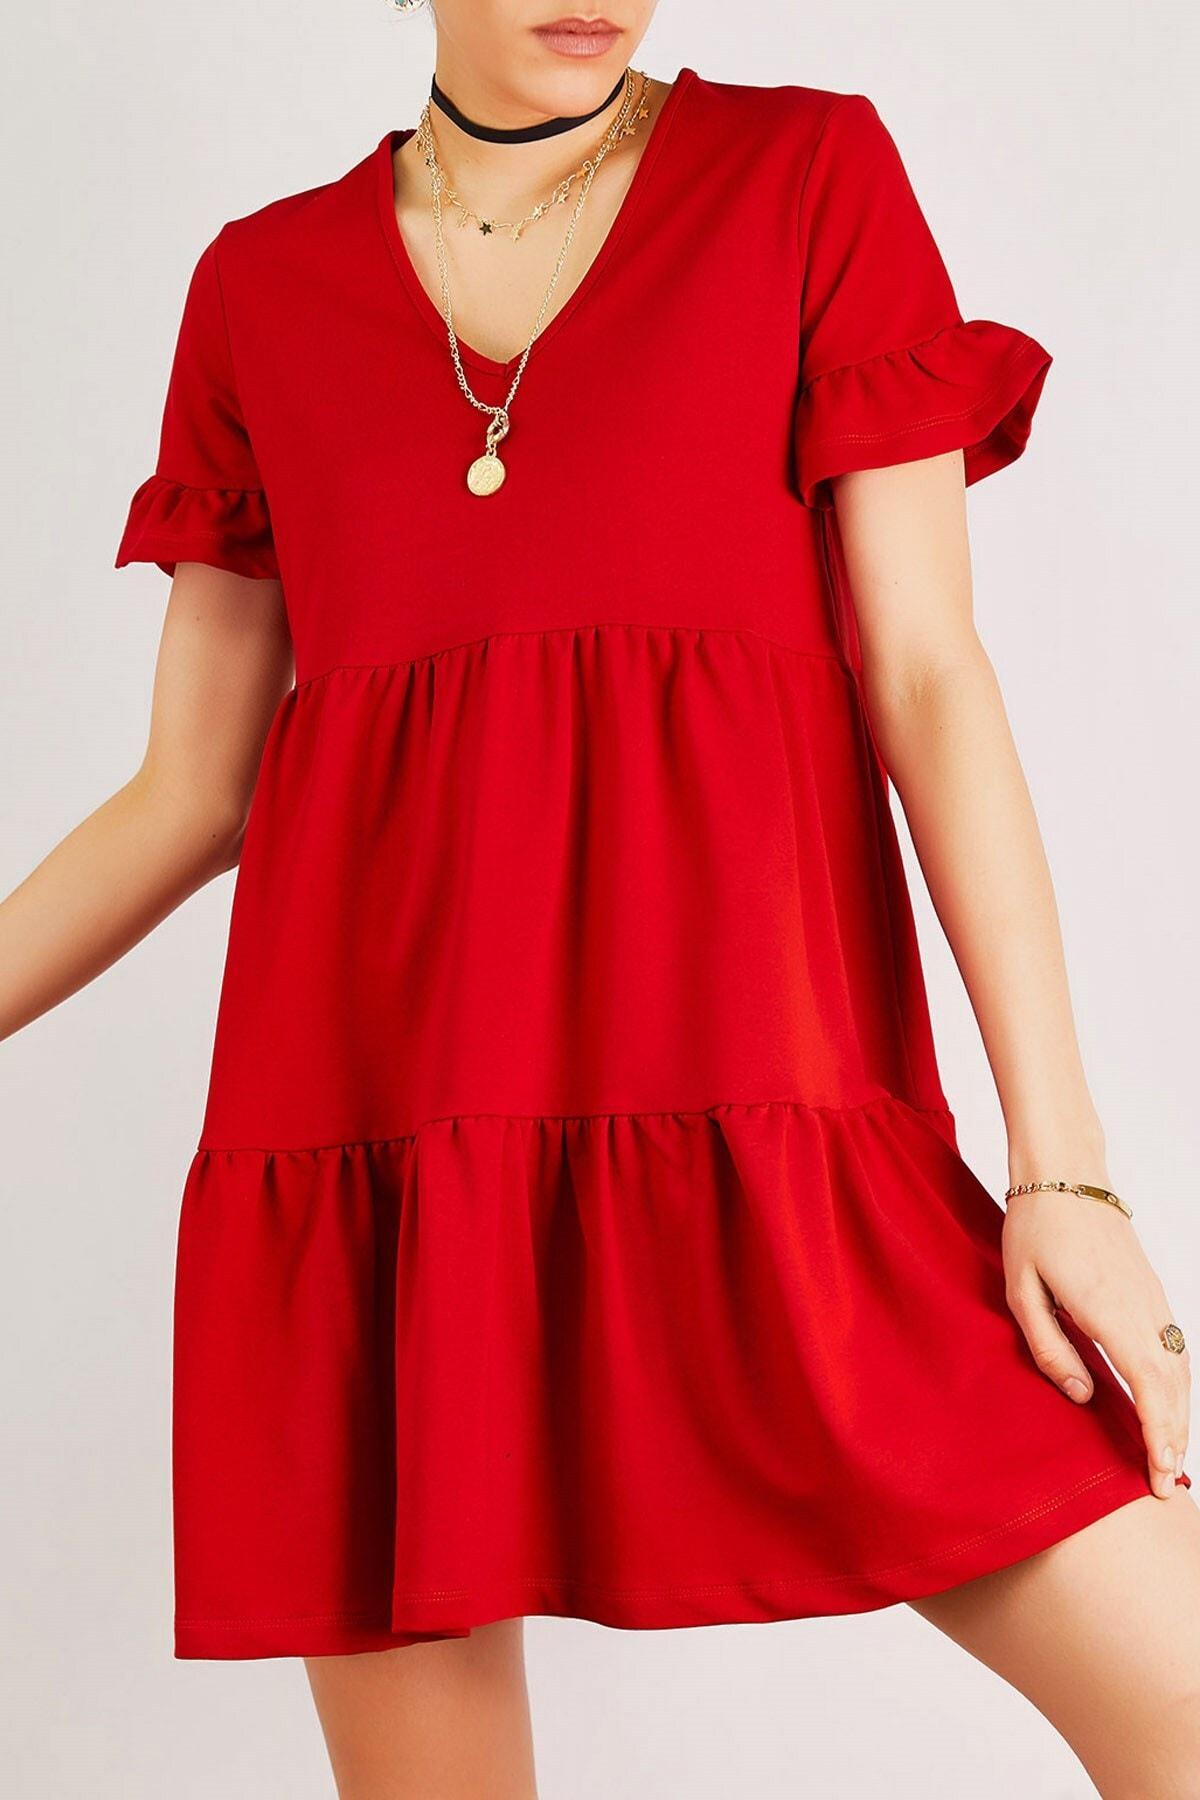 Boutiquen Kadın Kırmızı V Yaka Volanlı Elbise 12214